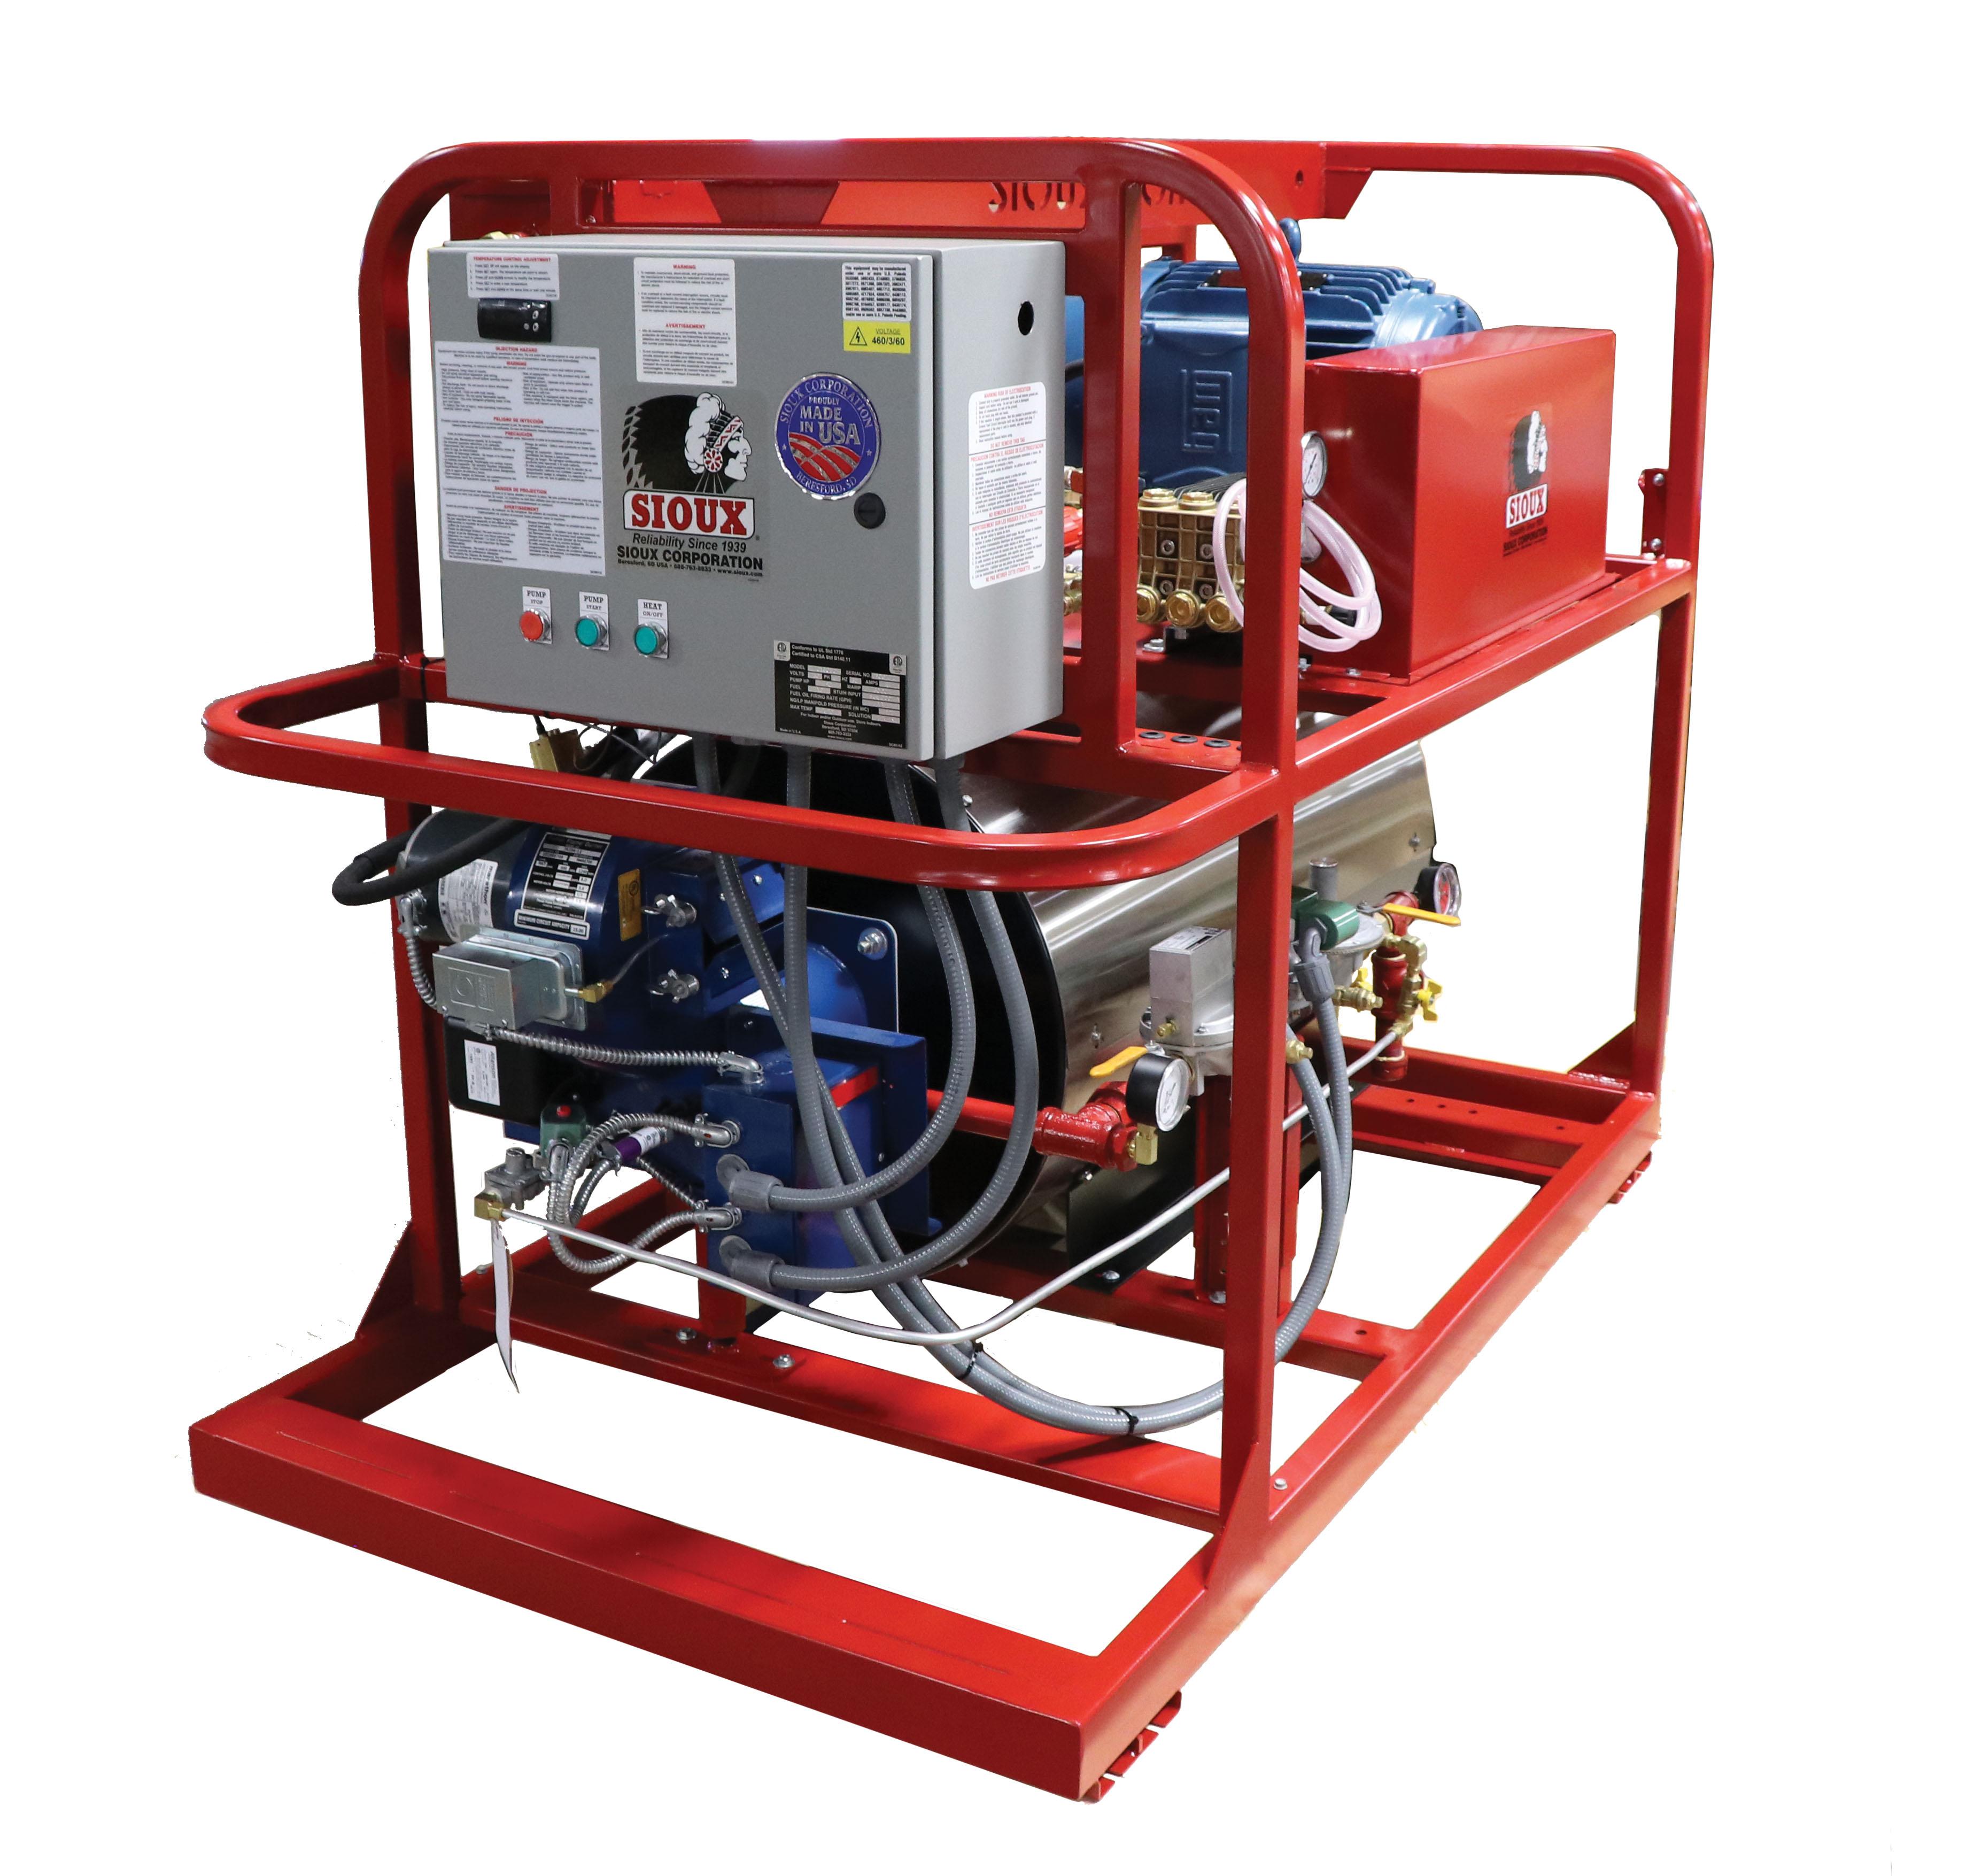 H10N3000 Pressure Washer